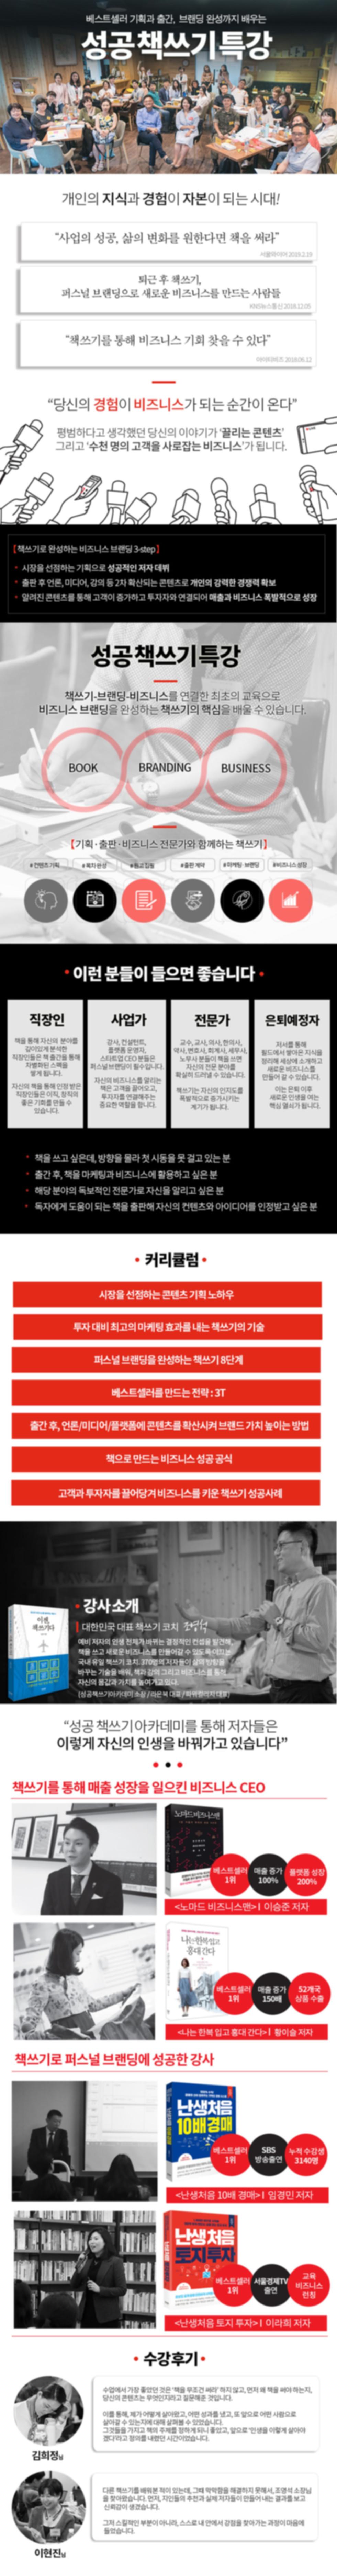 책쓰기특강_2019리뉴얼_01.jpg